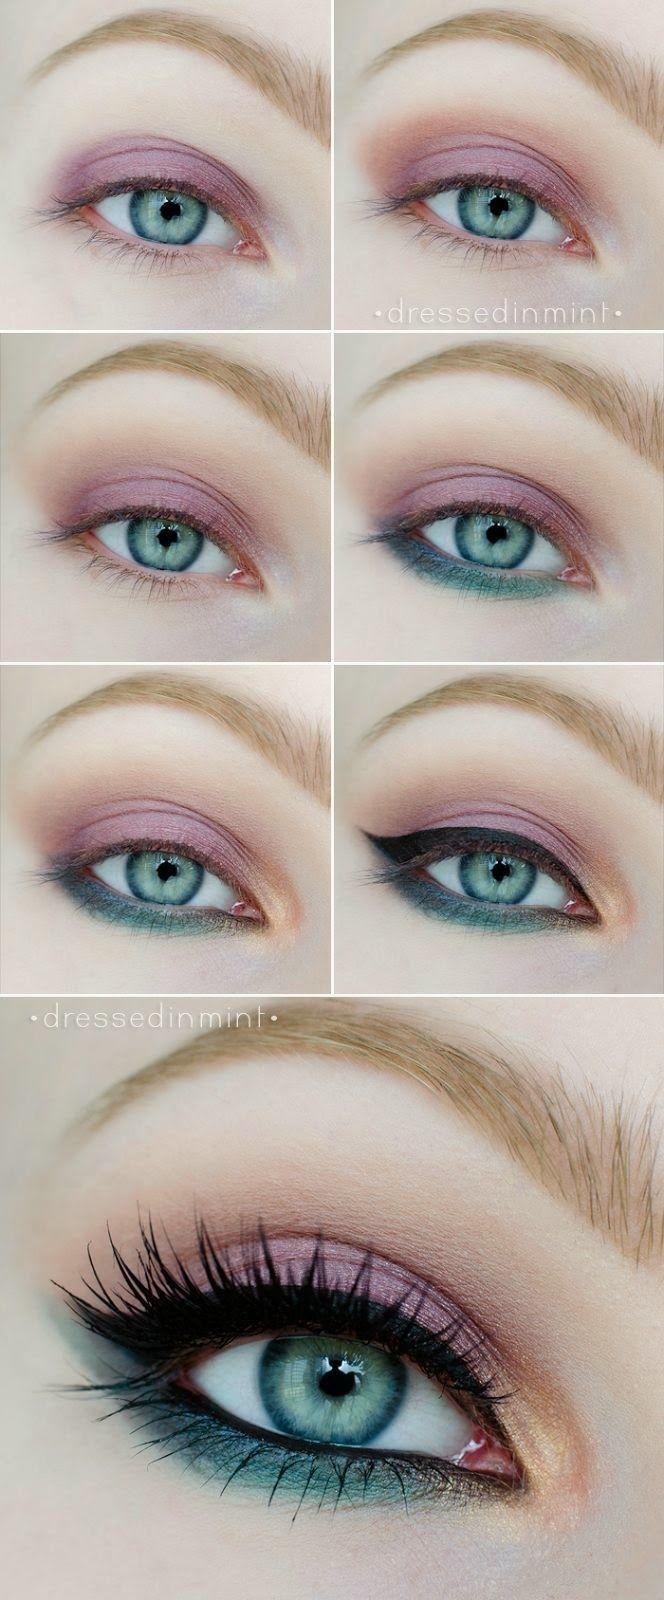 Soy Moda | Paso a paso maquillaje de ensueño rosa y celeste | http://soymoda.net